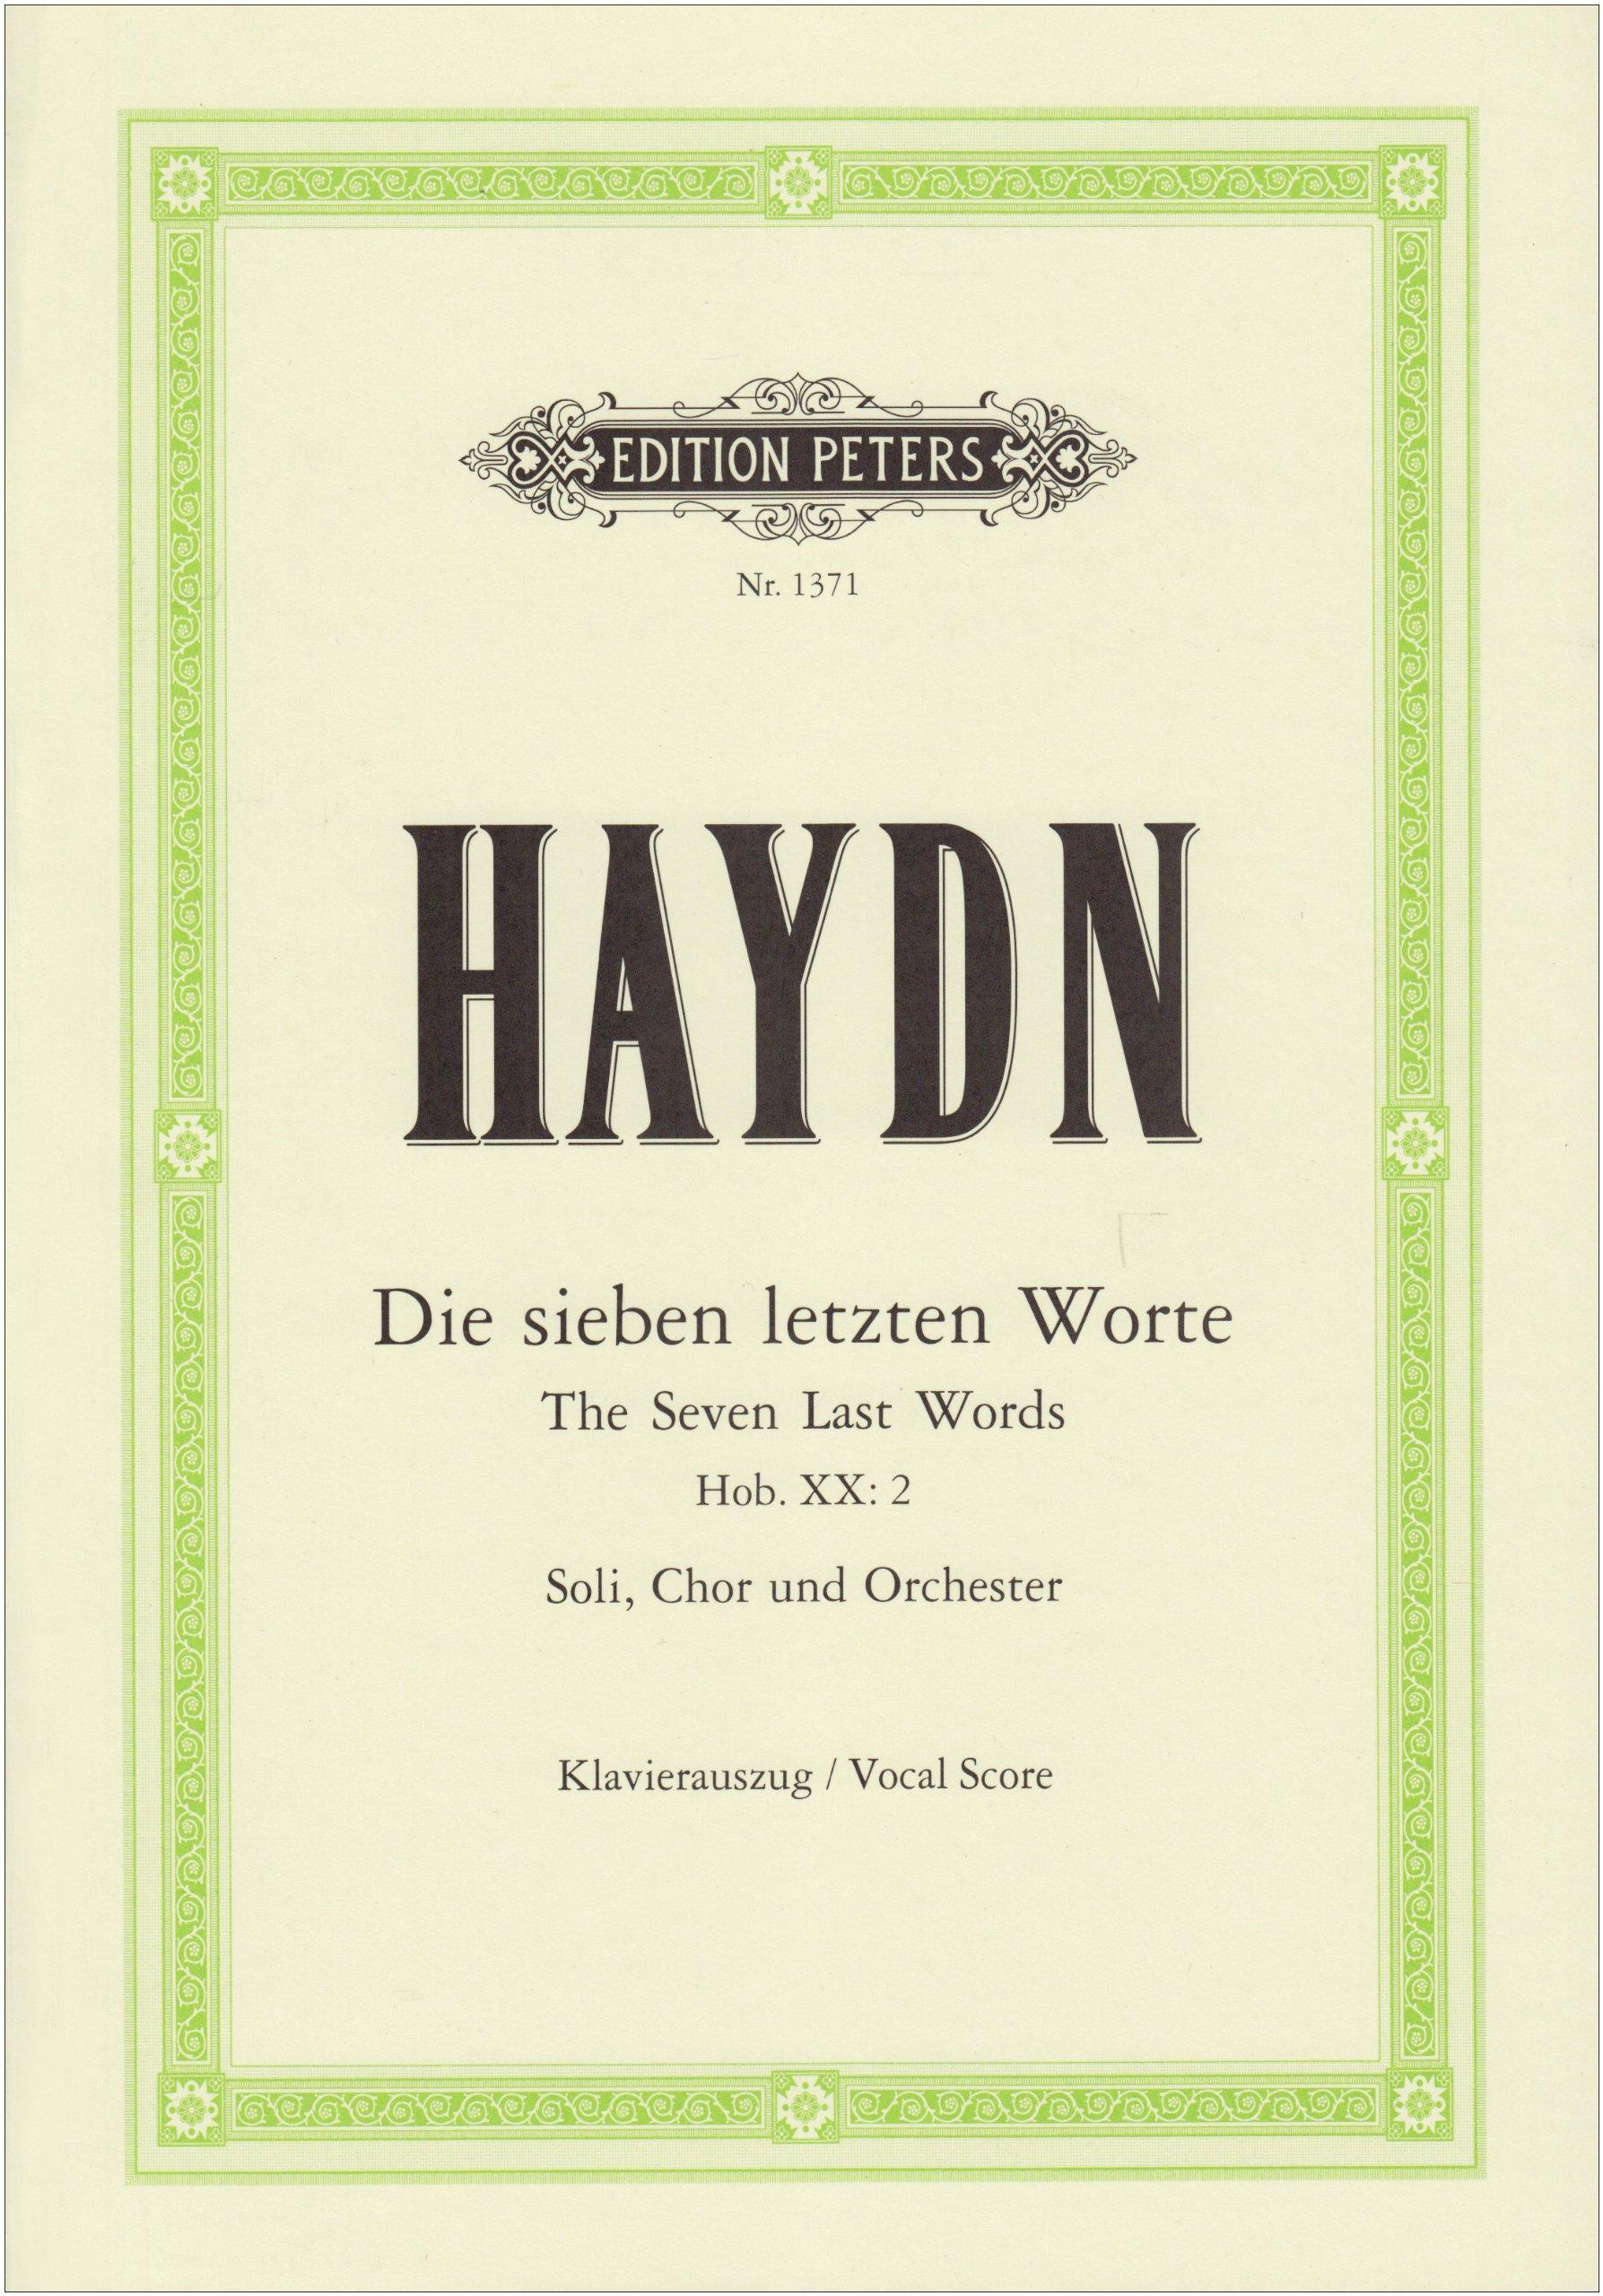 Die sieben letzten Worte unseres Erlösers am Kreuze Hob. XX: 2: Vokalfassung für 4 Solostimmen, Chor und Orchester / Klavierauszug / Vocal Score